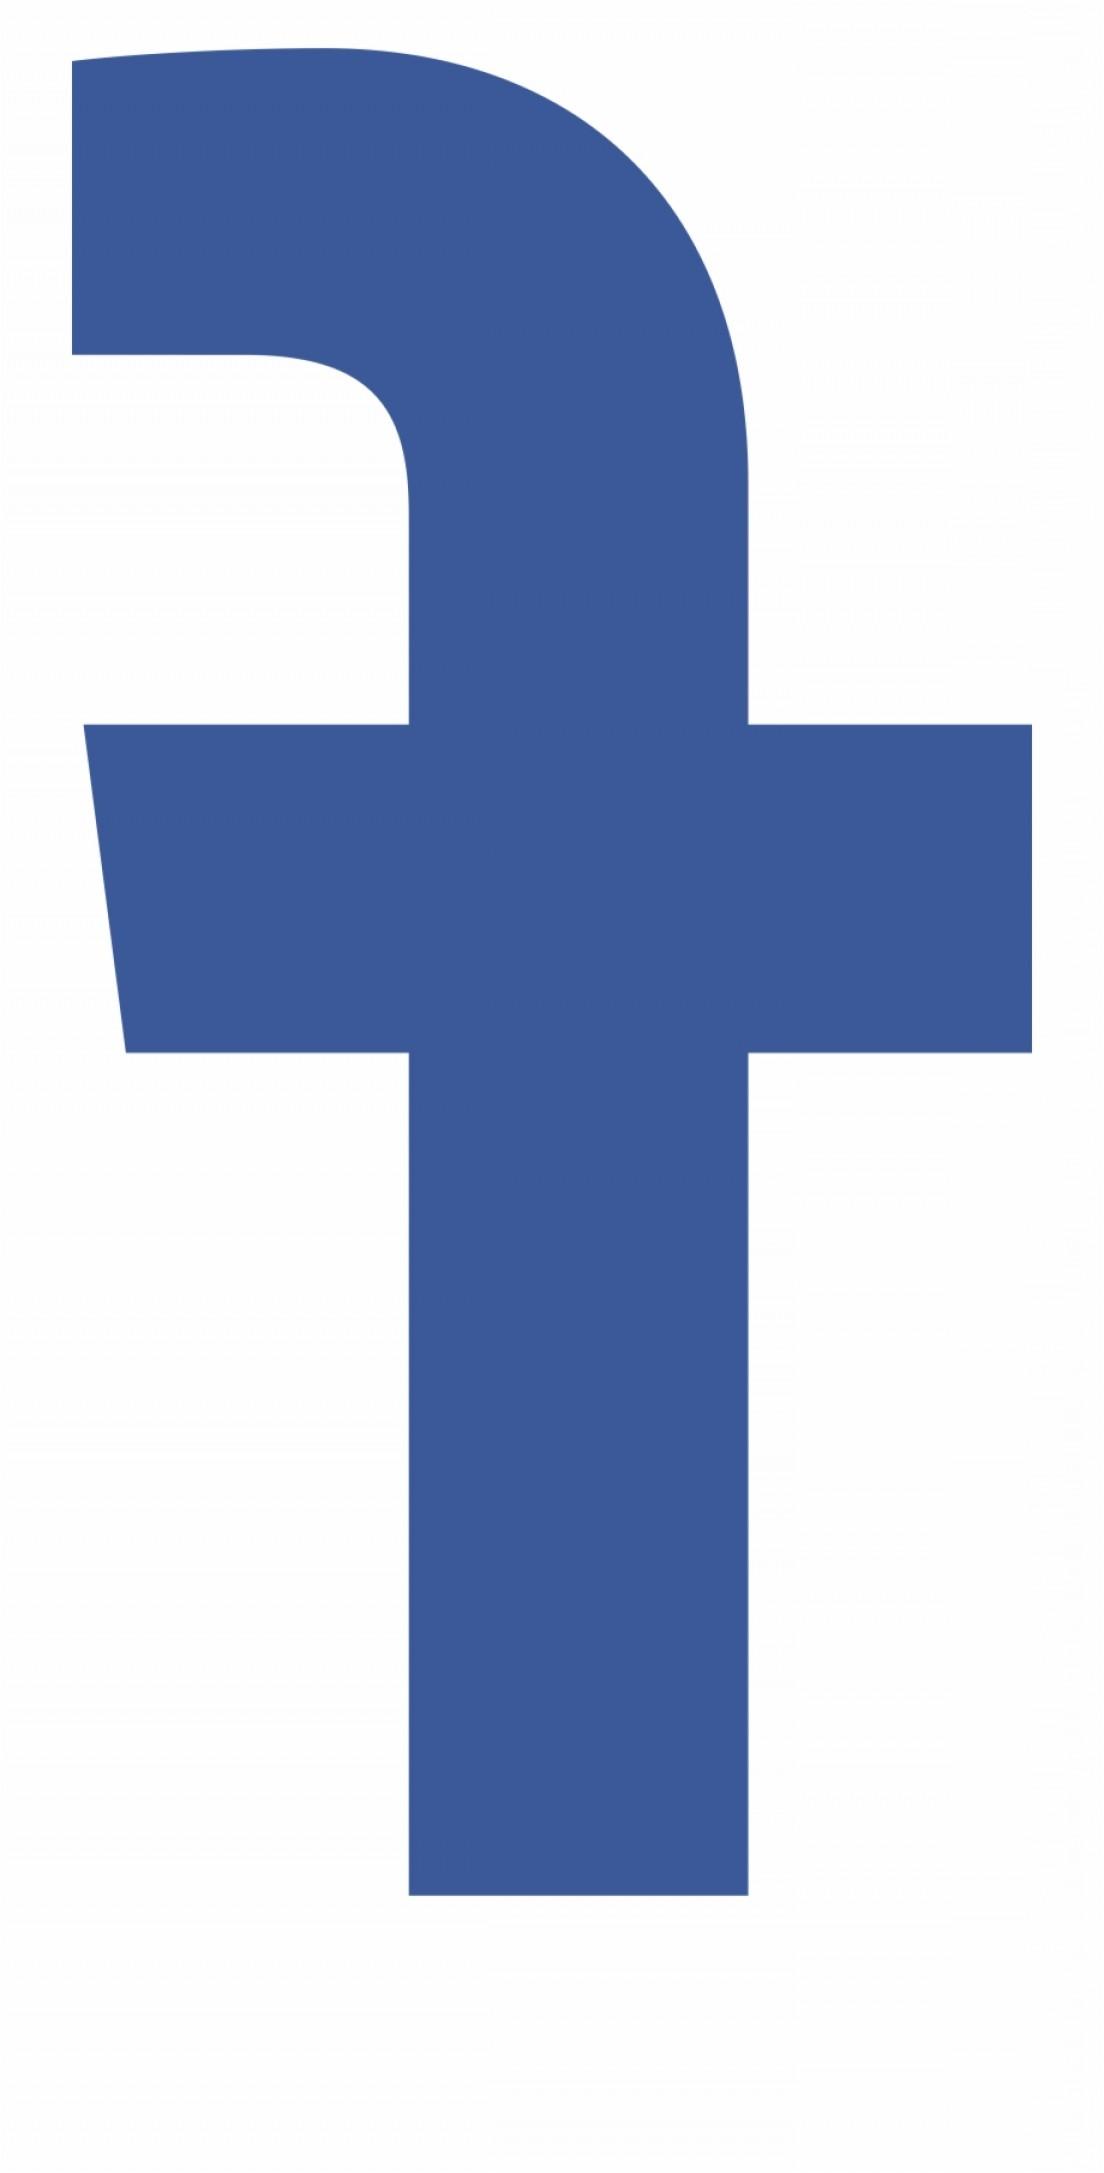 Iitiofacebook Logo Png Transparent Vector Facebook Logo Transparent.